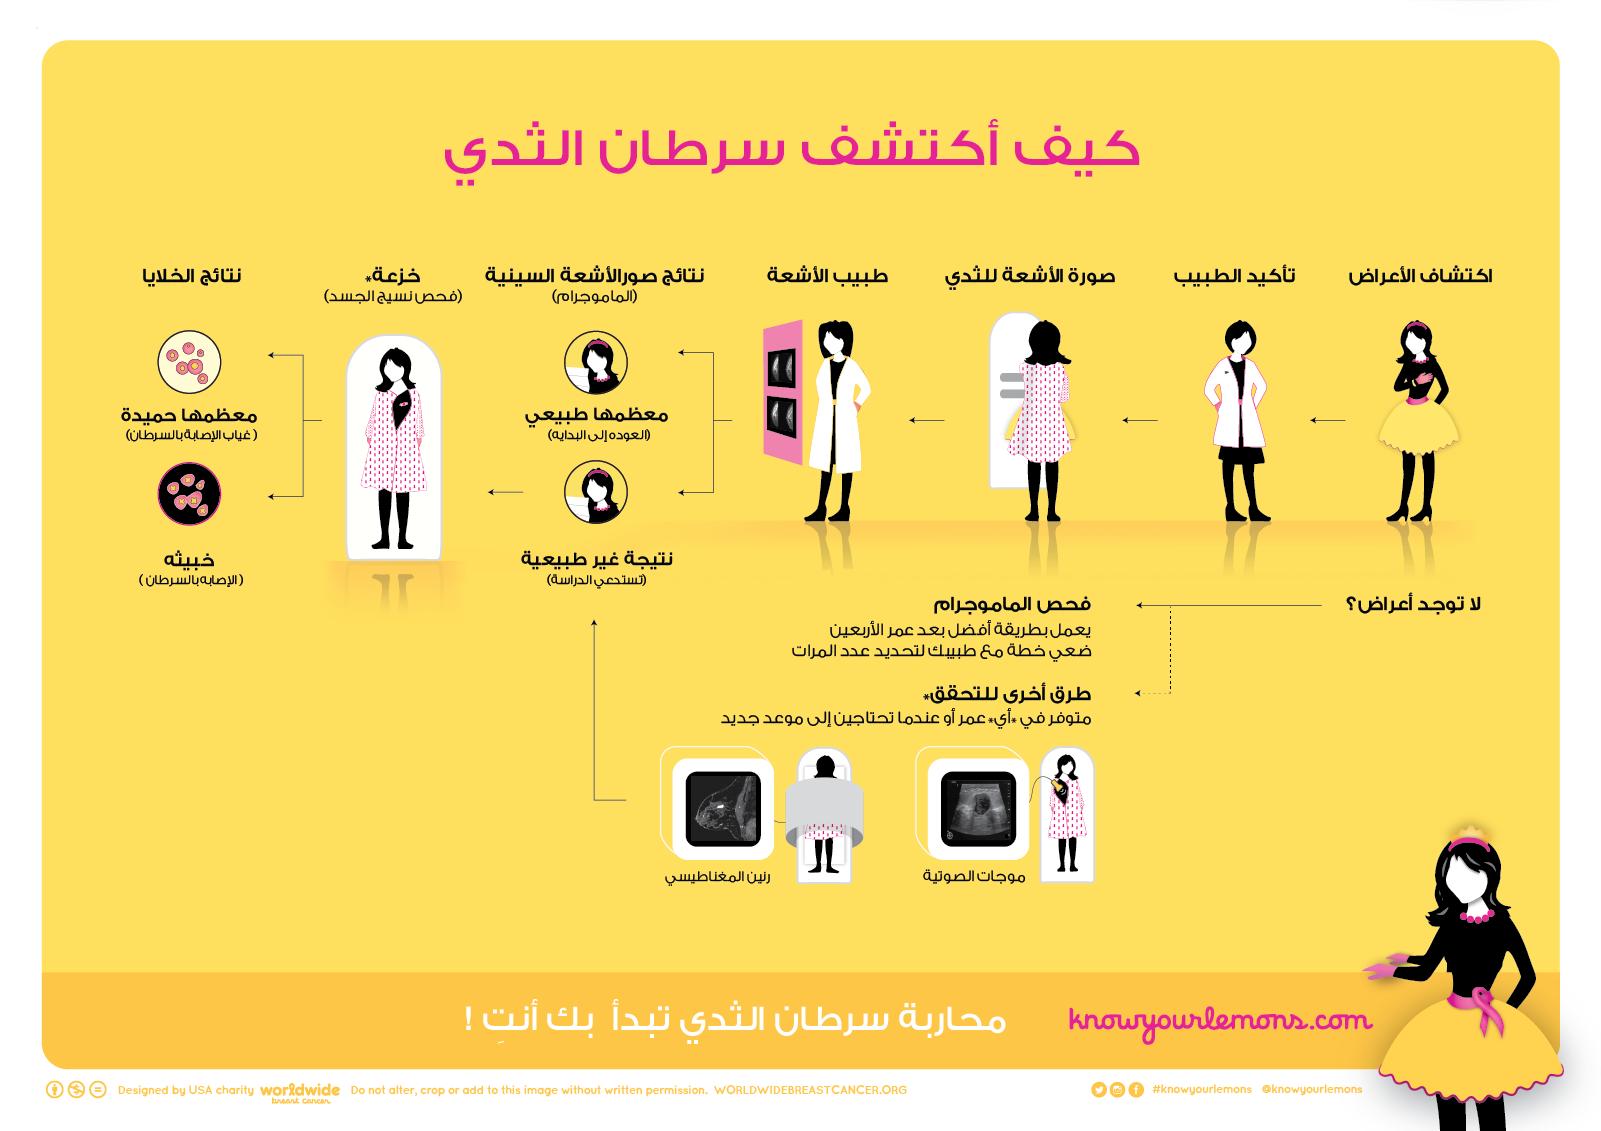 كيف أكتشف سرطان الثدي